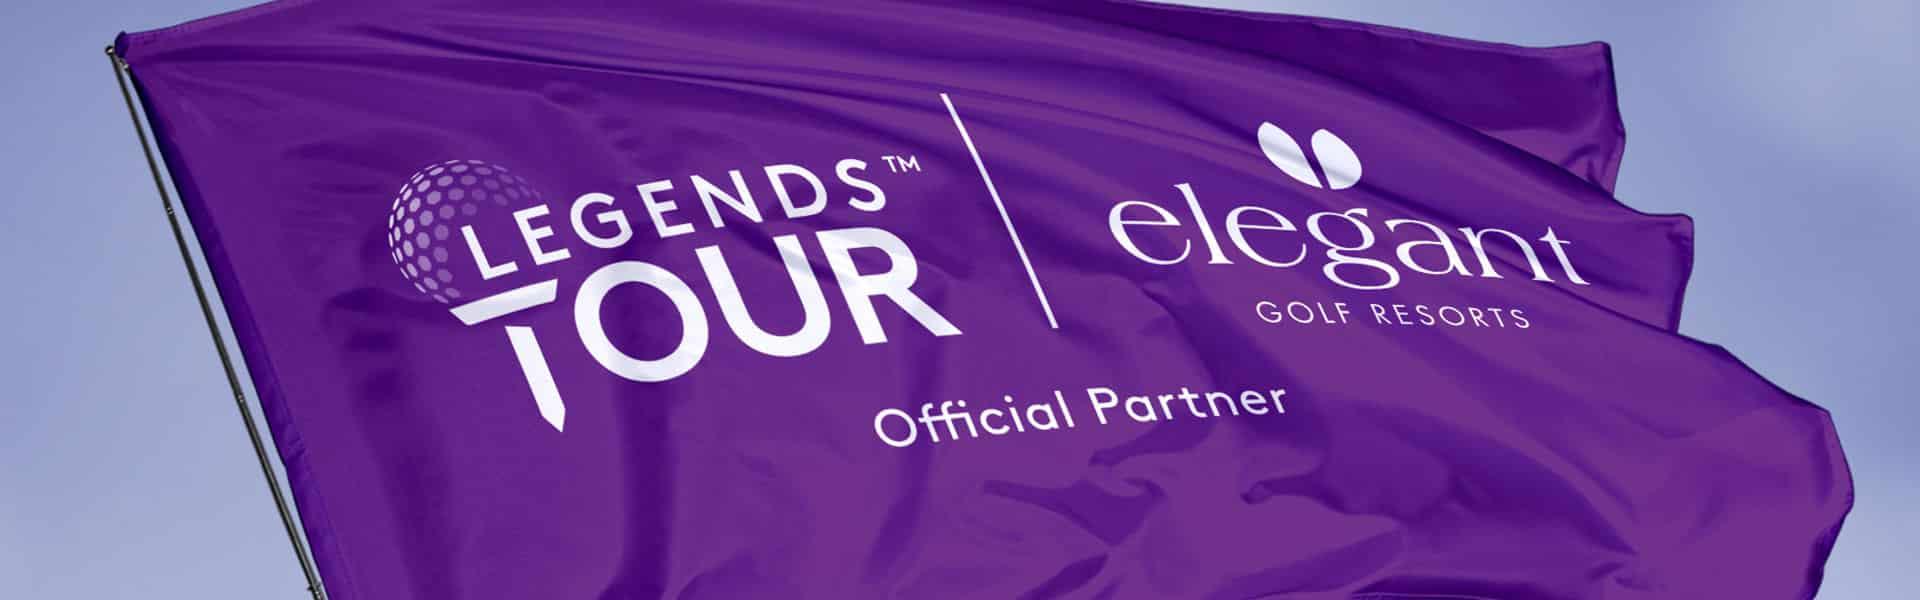 Elegant Golf Resorts Legends Tour Official Travel Partner